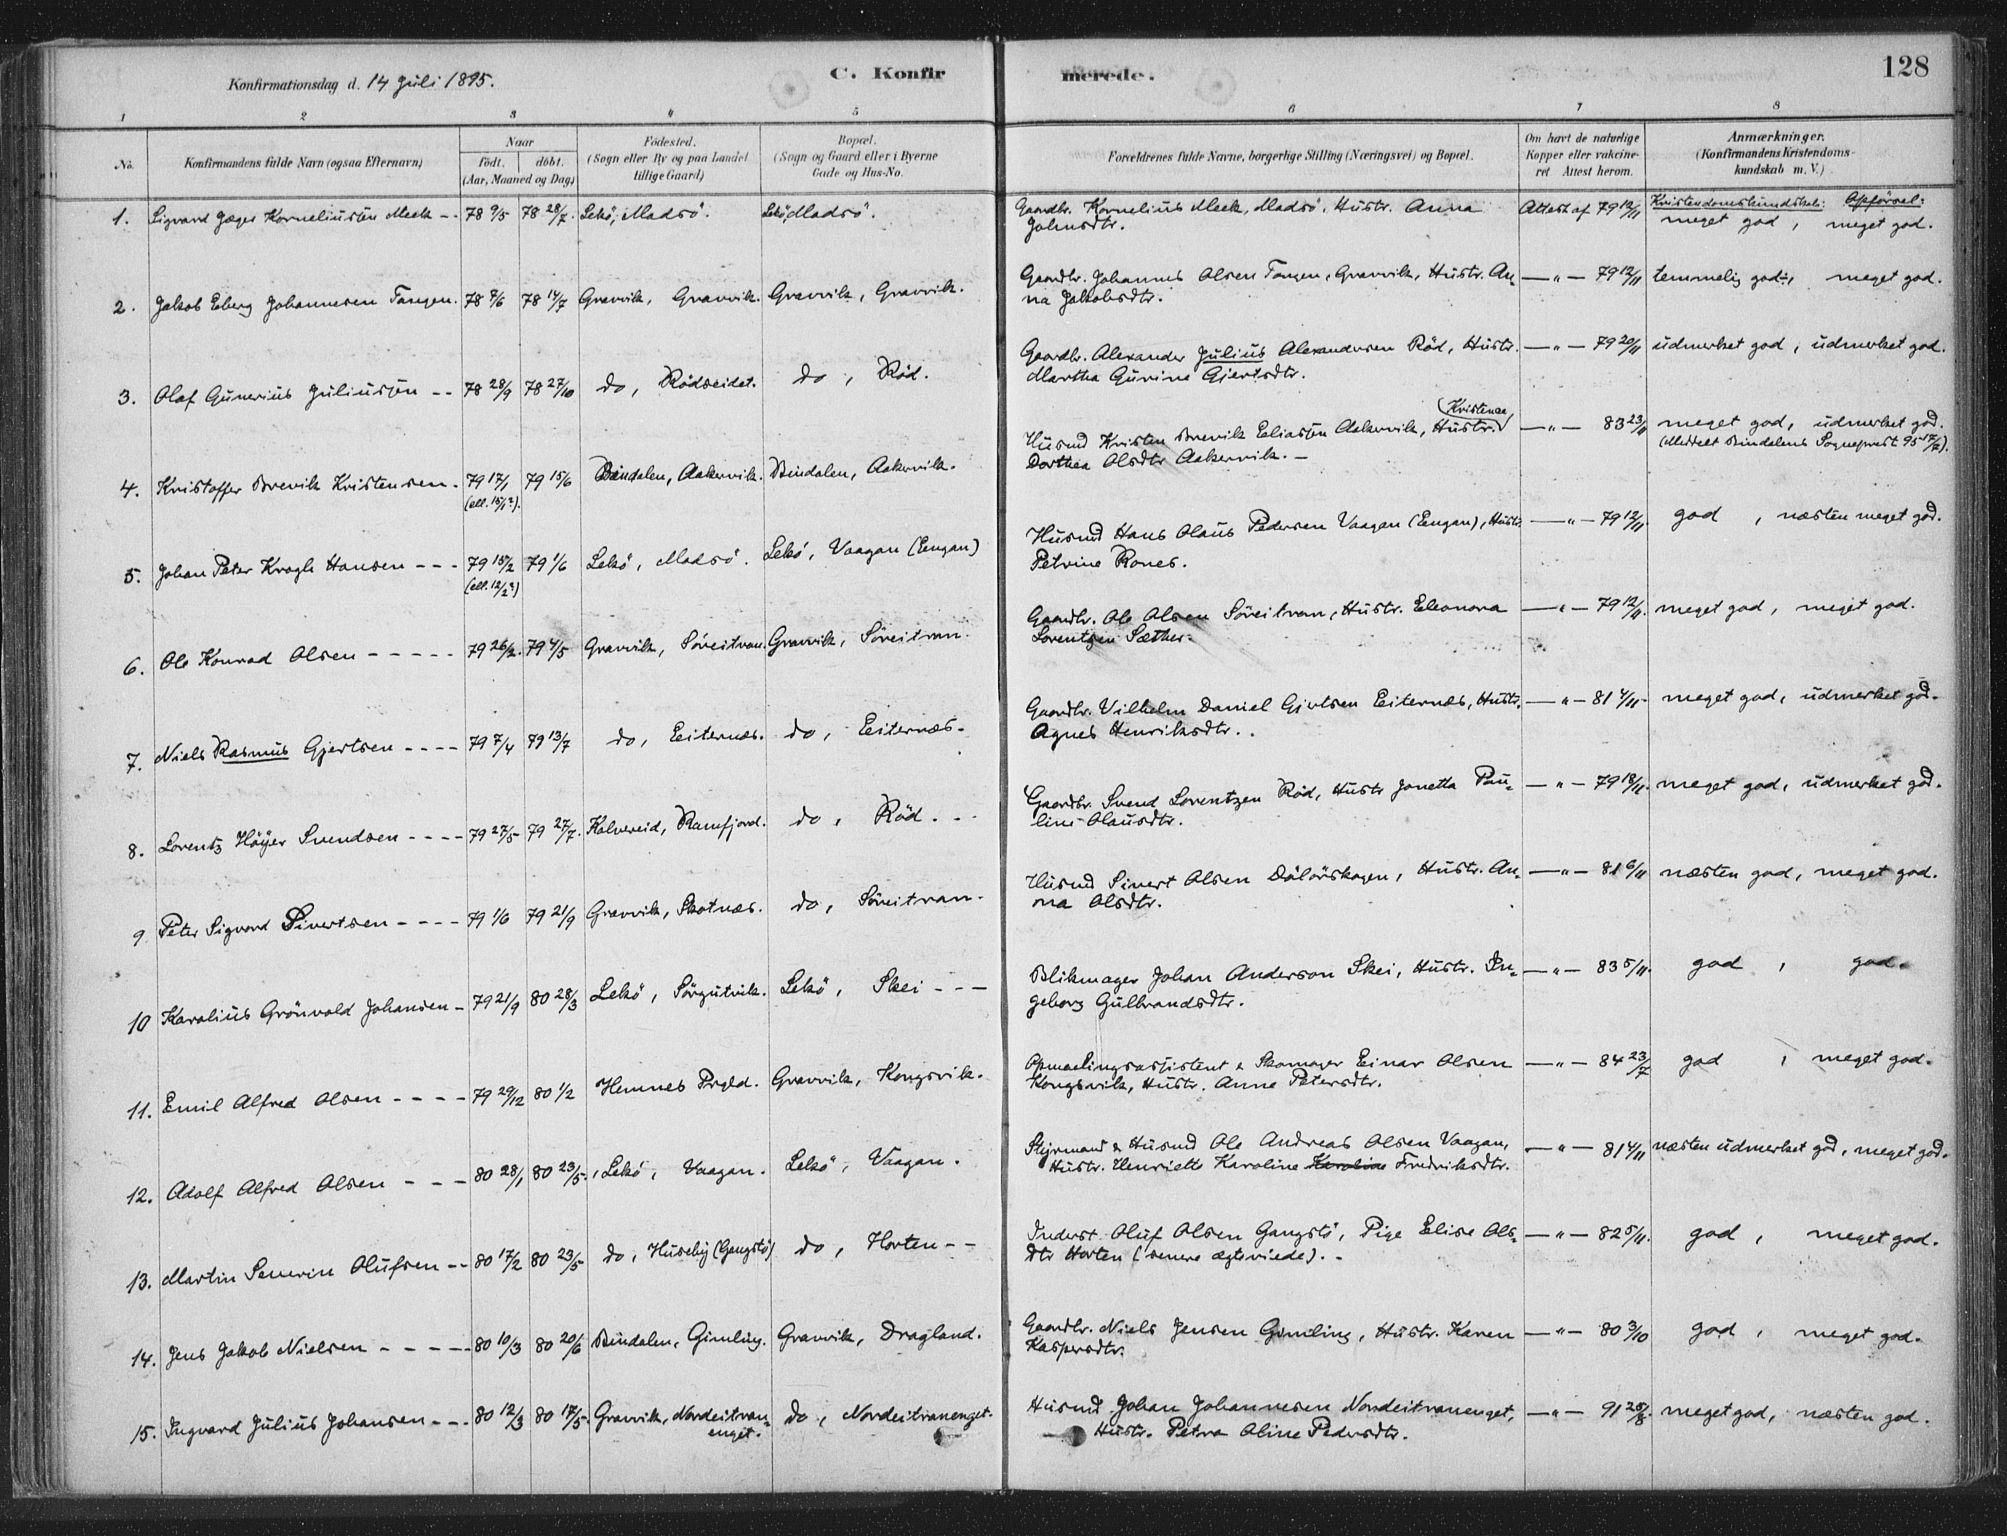 SAT, Ministerialprotokoller, klokkerbøker og fødselsregistre - Nord-Trøndelag, 788/L0697: Ministerialbok nr. 788A04, 1878-1902, s. 128